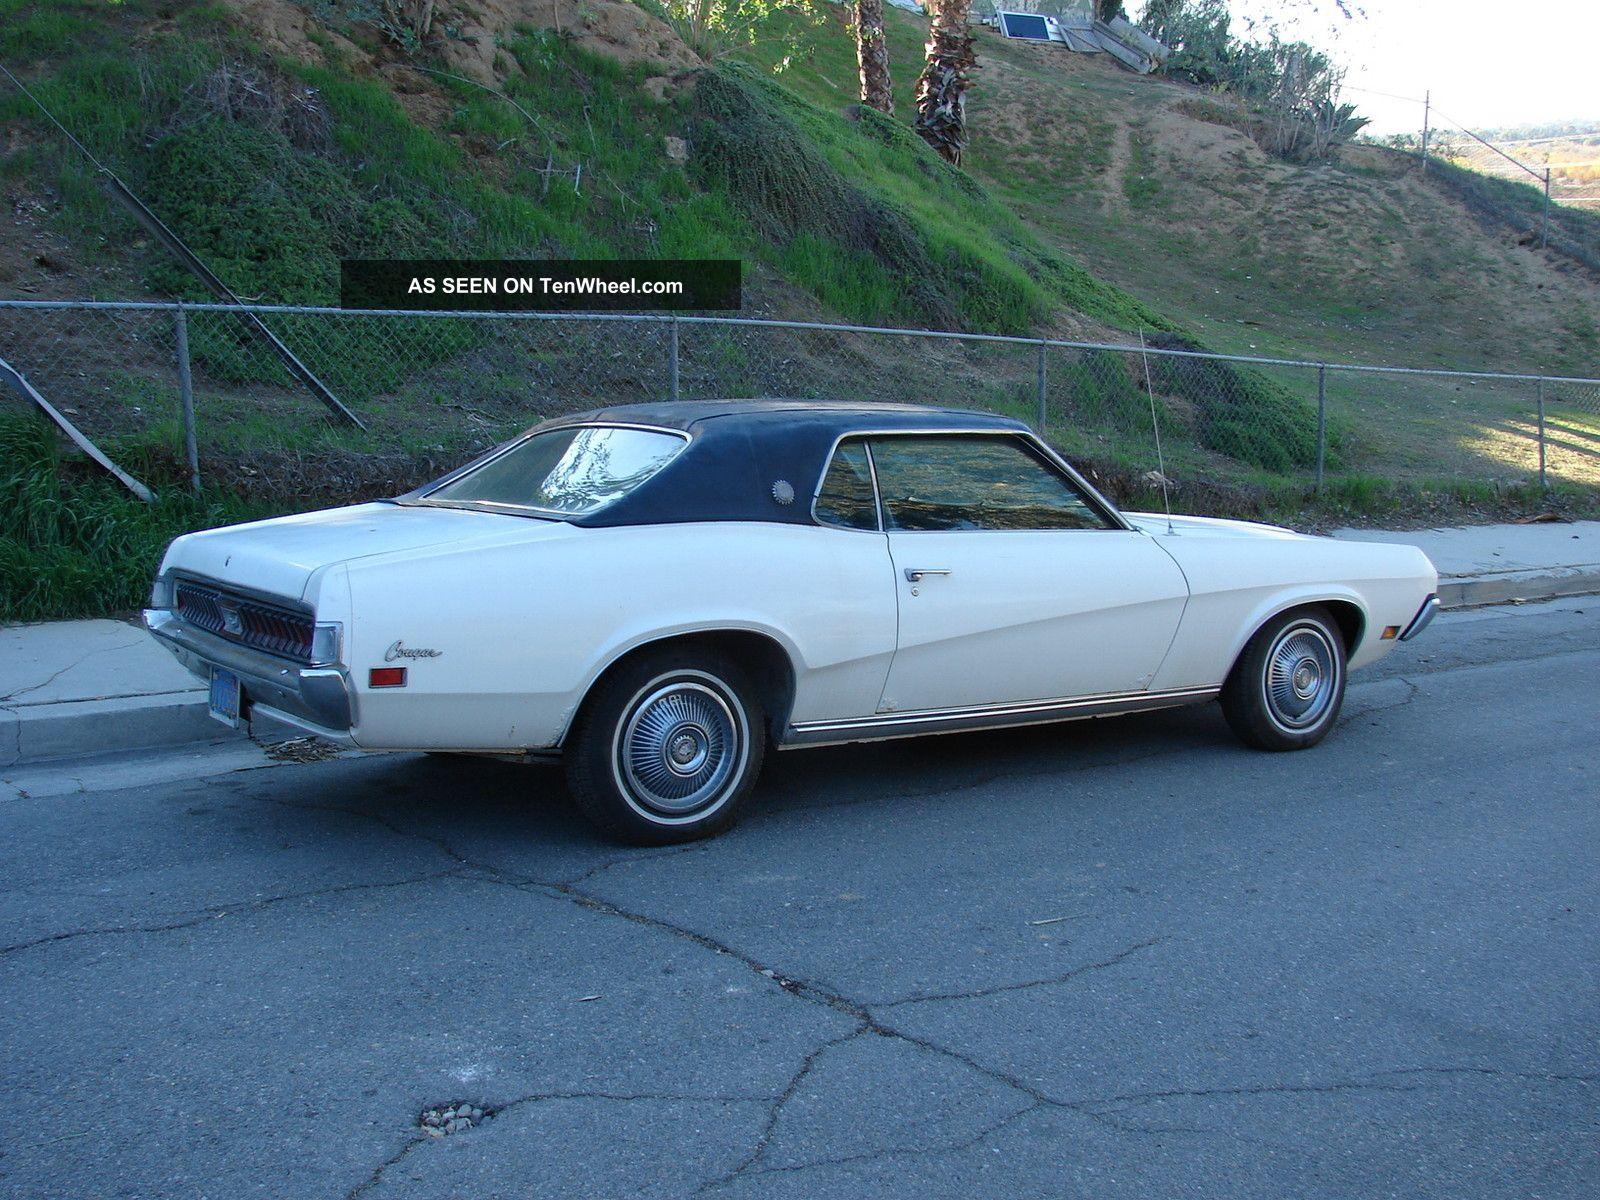 1970 Ford Mercury Cougar Xr7 351 Windsor V8